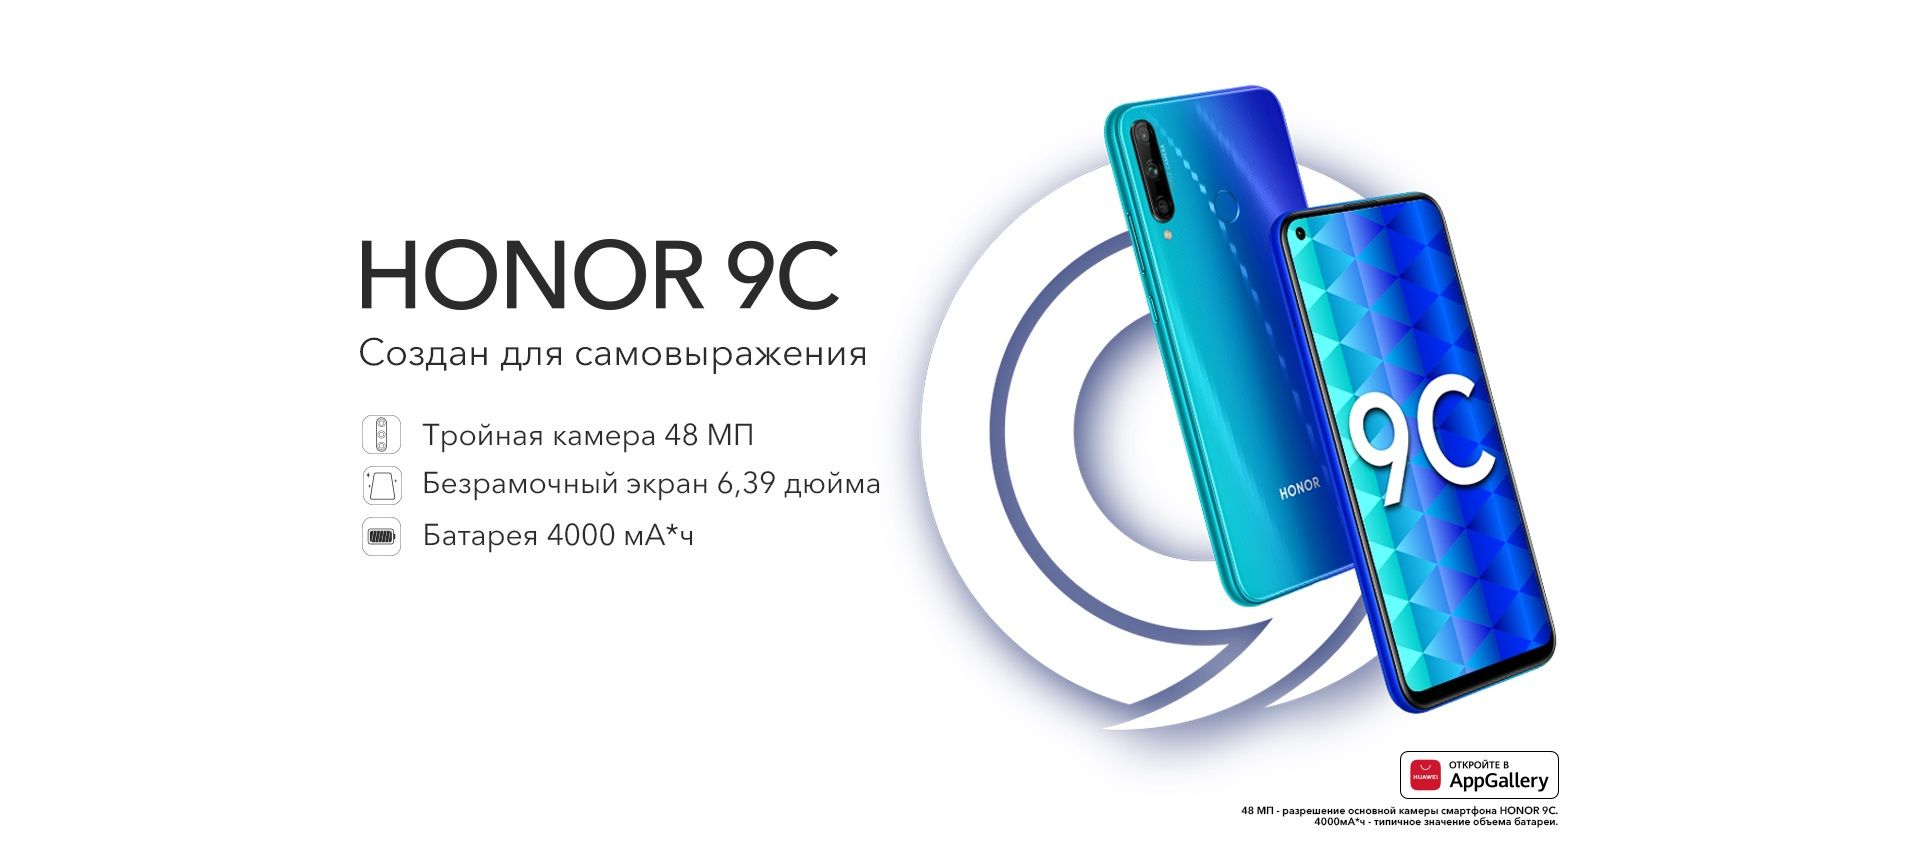 ロシア市場向けHonor 9C、最新のアップデートでKirin 710Aを低クロック化